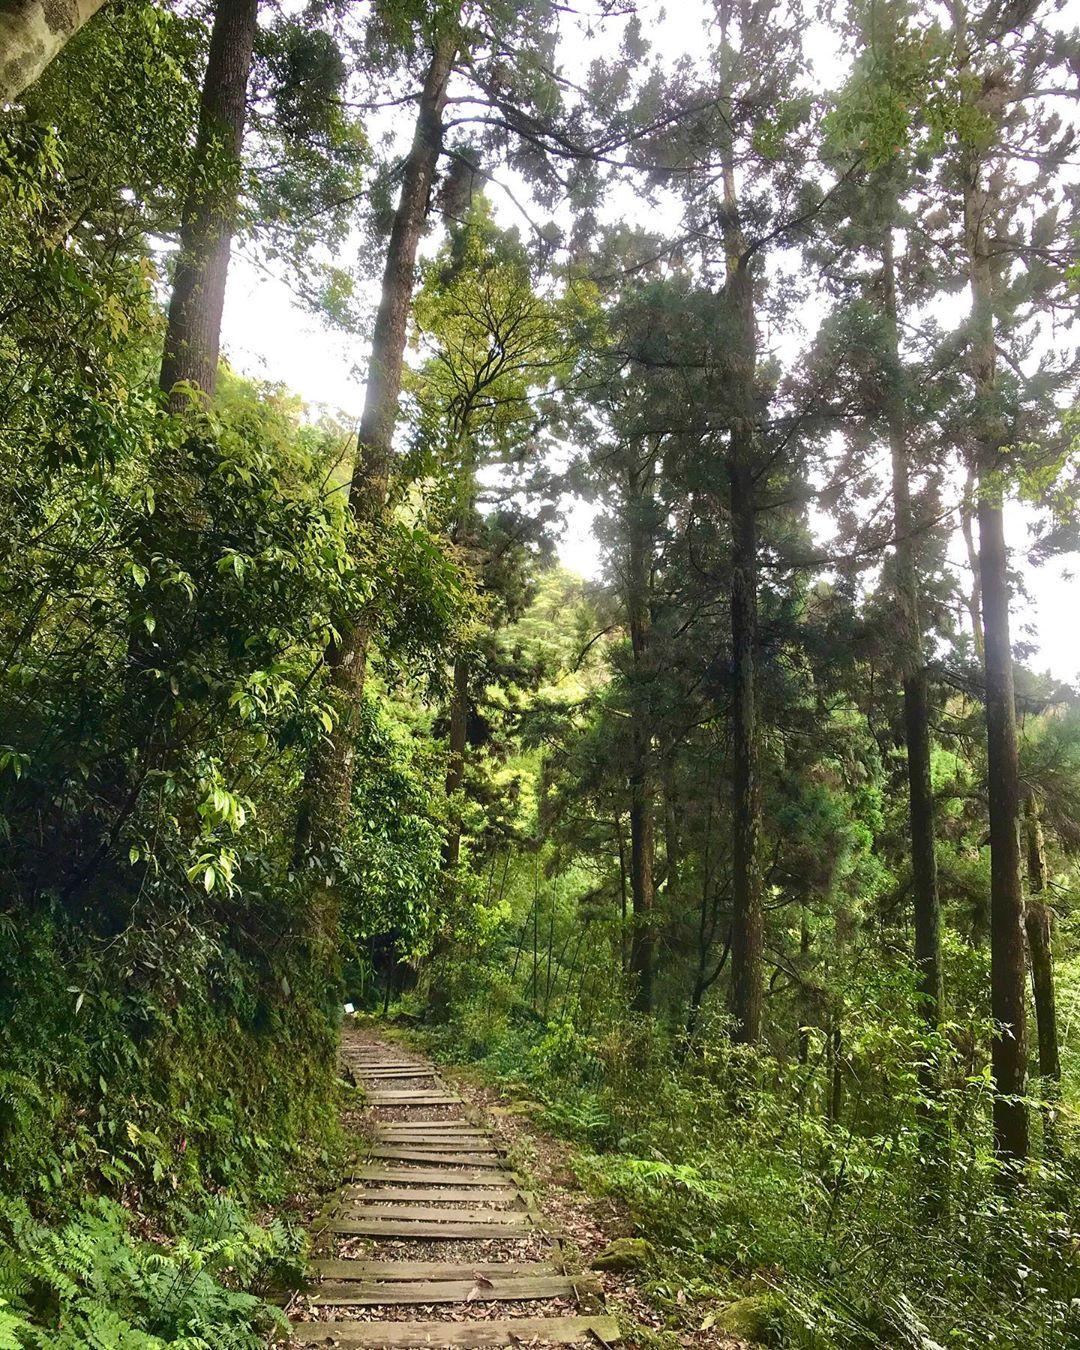 精選8條嘉義登山步道秘境|踏遍嘉義登山步道享受鳥鳴芬多精